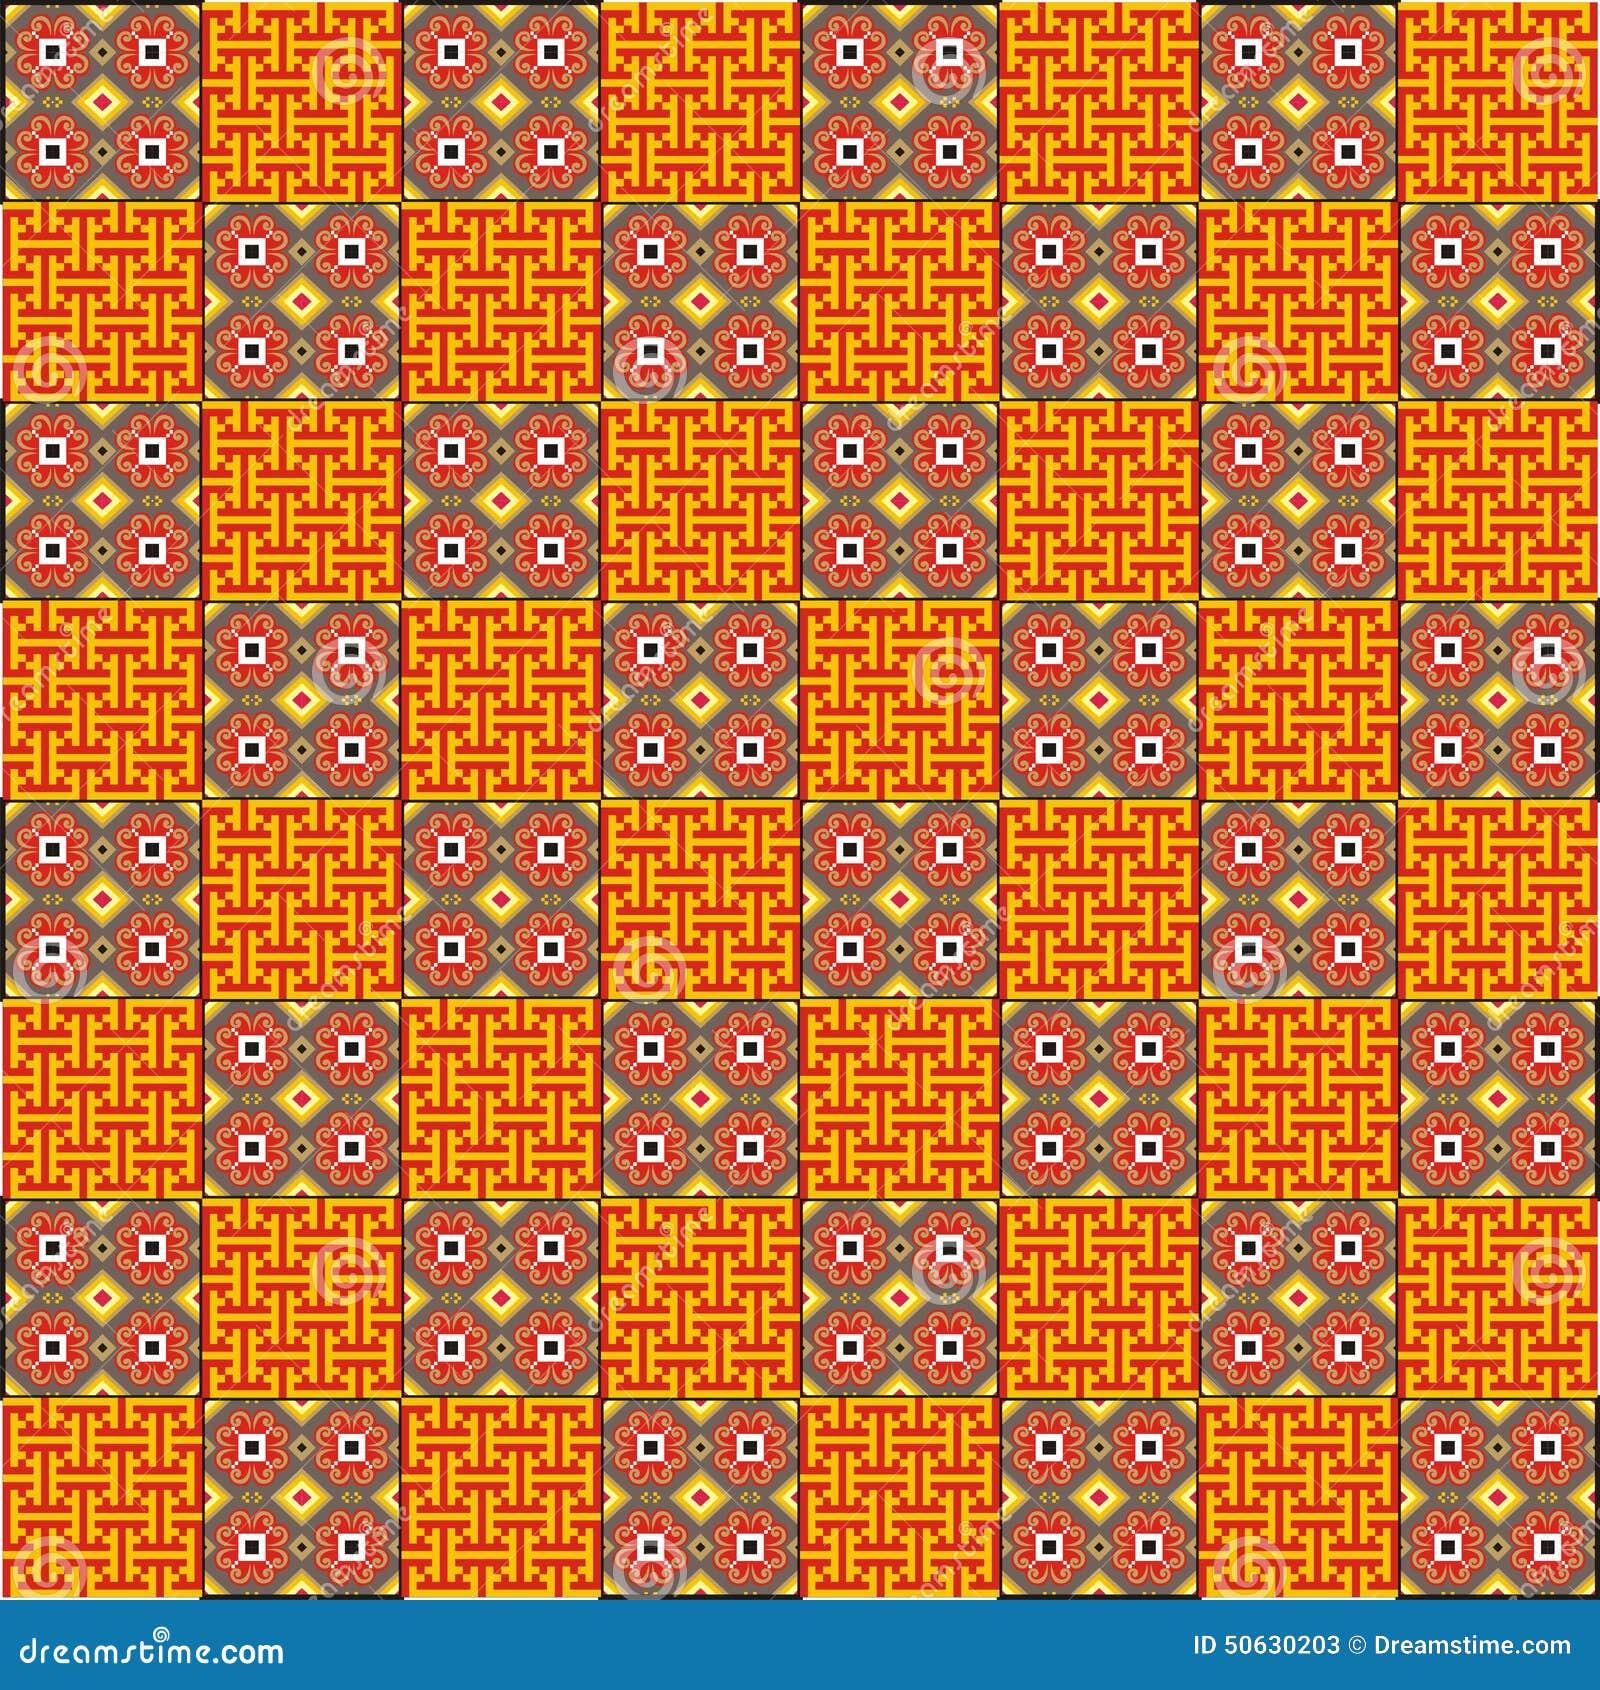 Batik design royalty free stock photos image 29546988 - Abstract Batik Decoration Motif Stock Photos